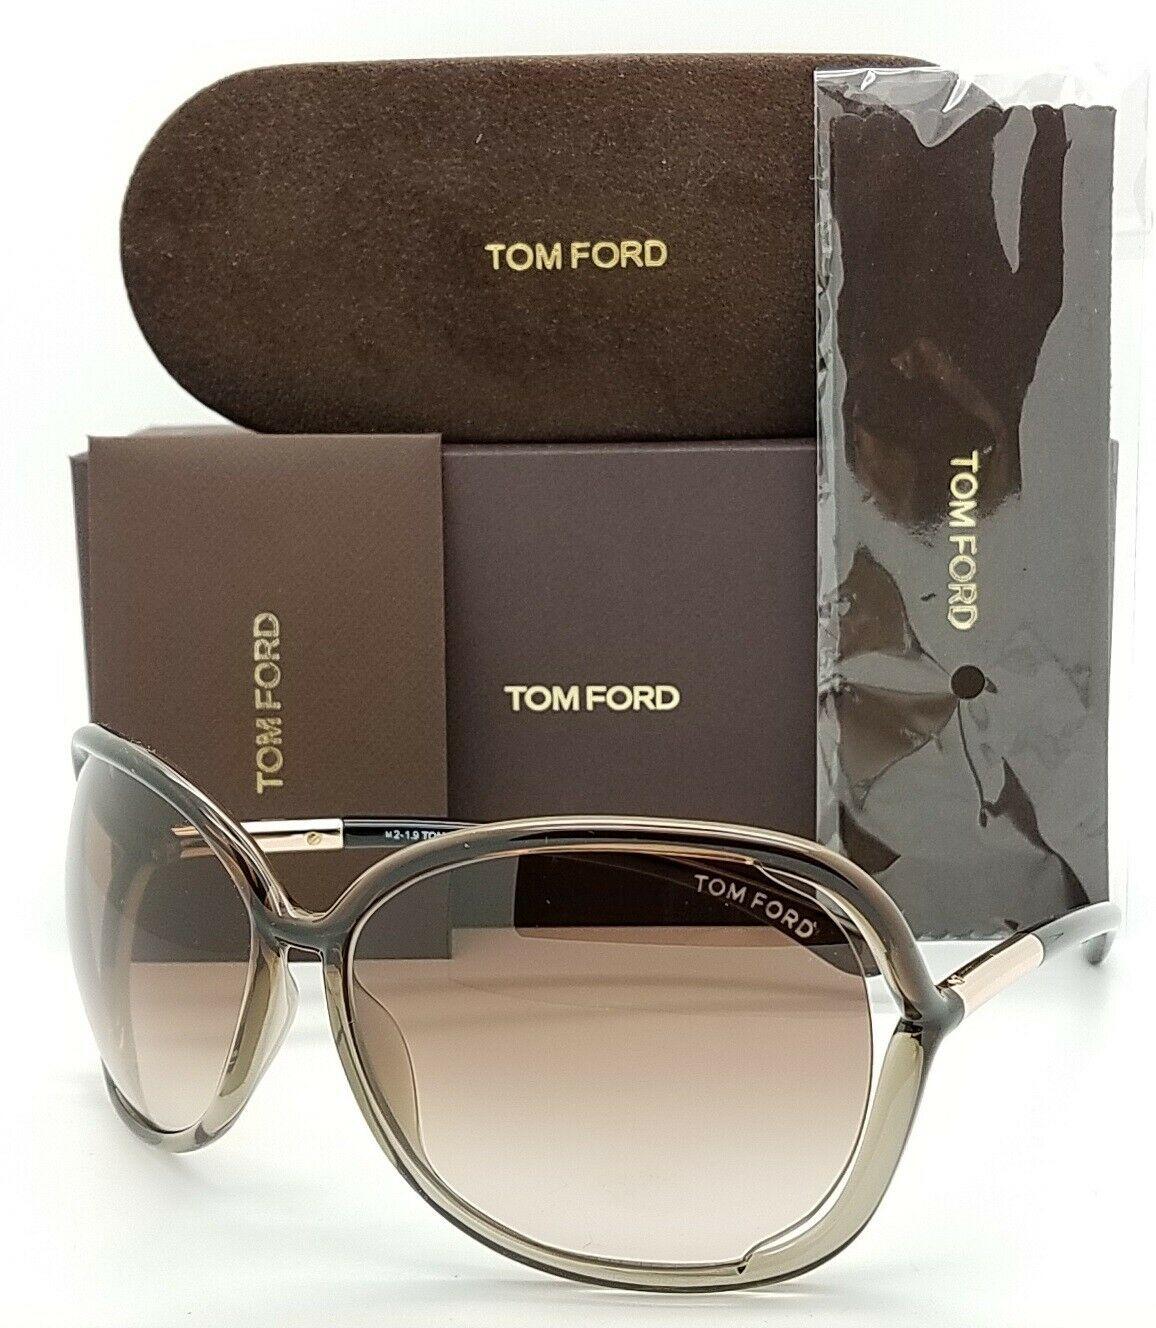 Tom Ford汤姆福特透明棕色渐变太阳眼镜FT0076/S 38F 0076